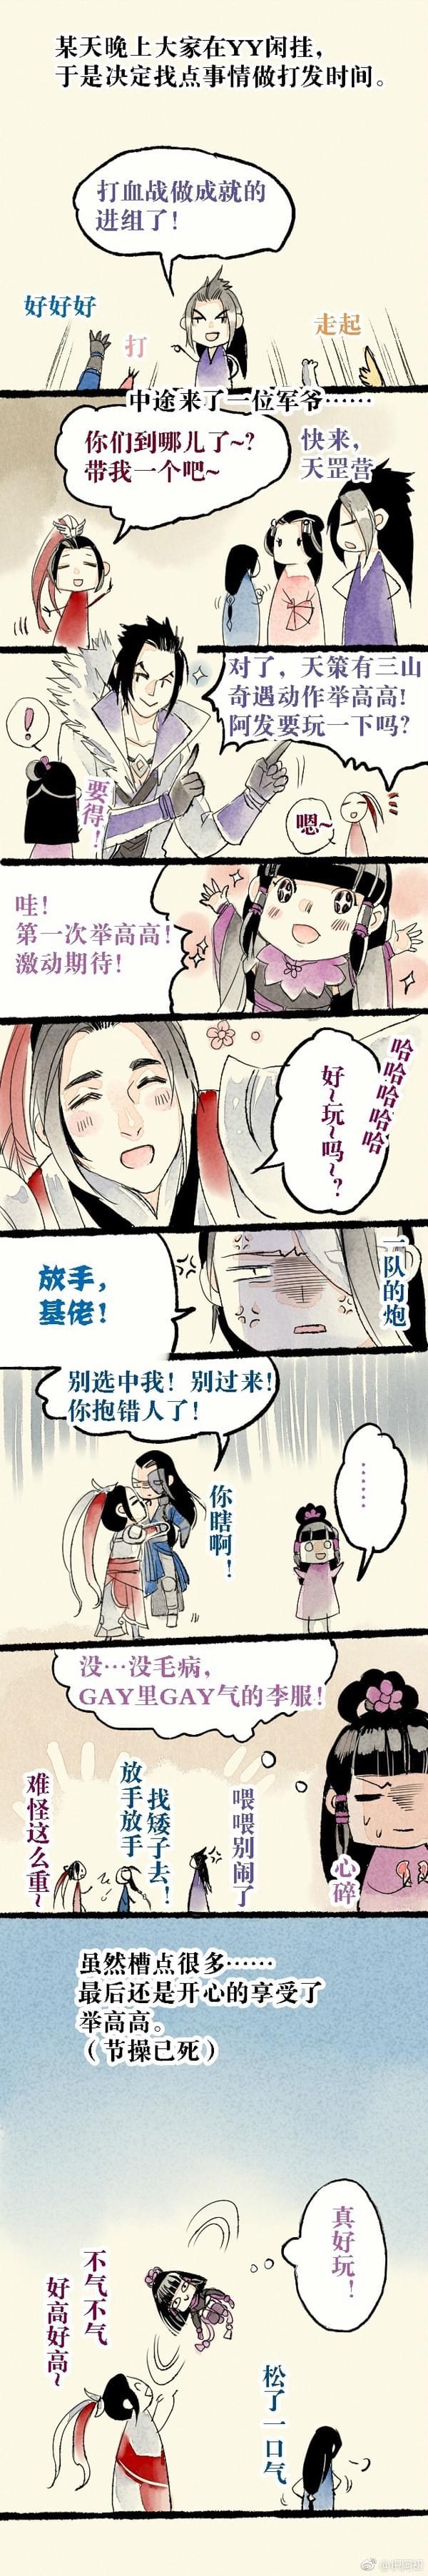 《剑网3》漫画江湖有记 炮炮要抱抱举高高